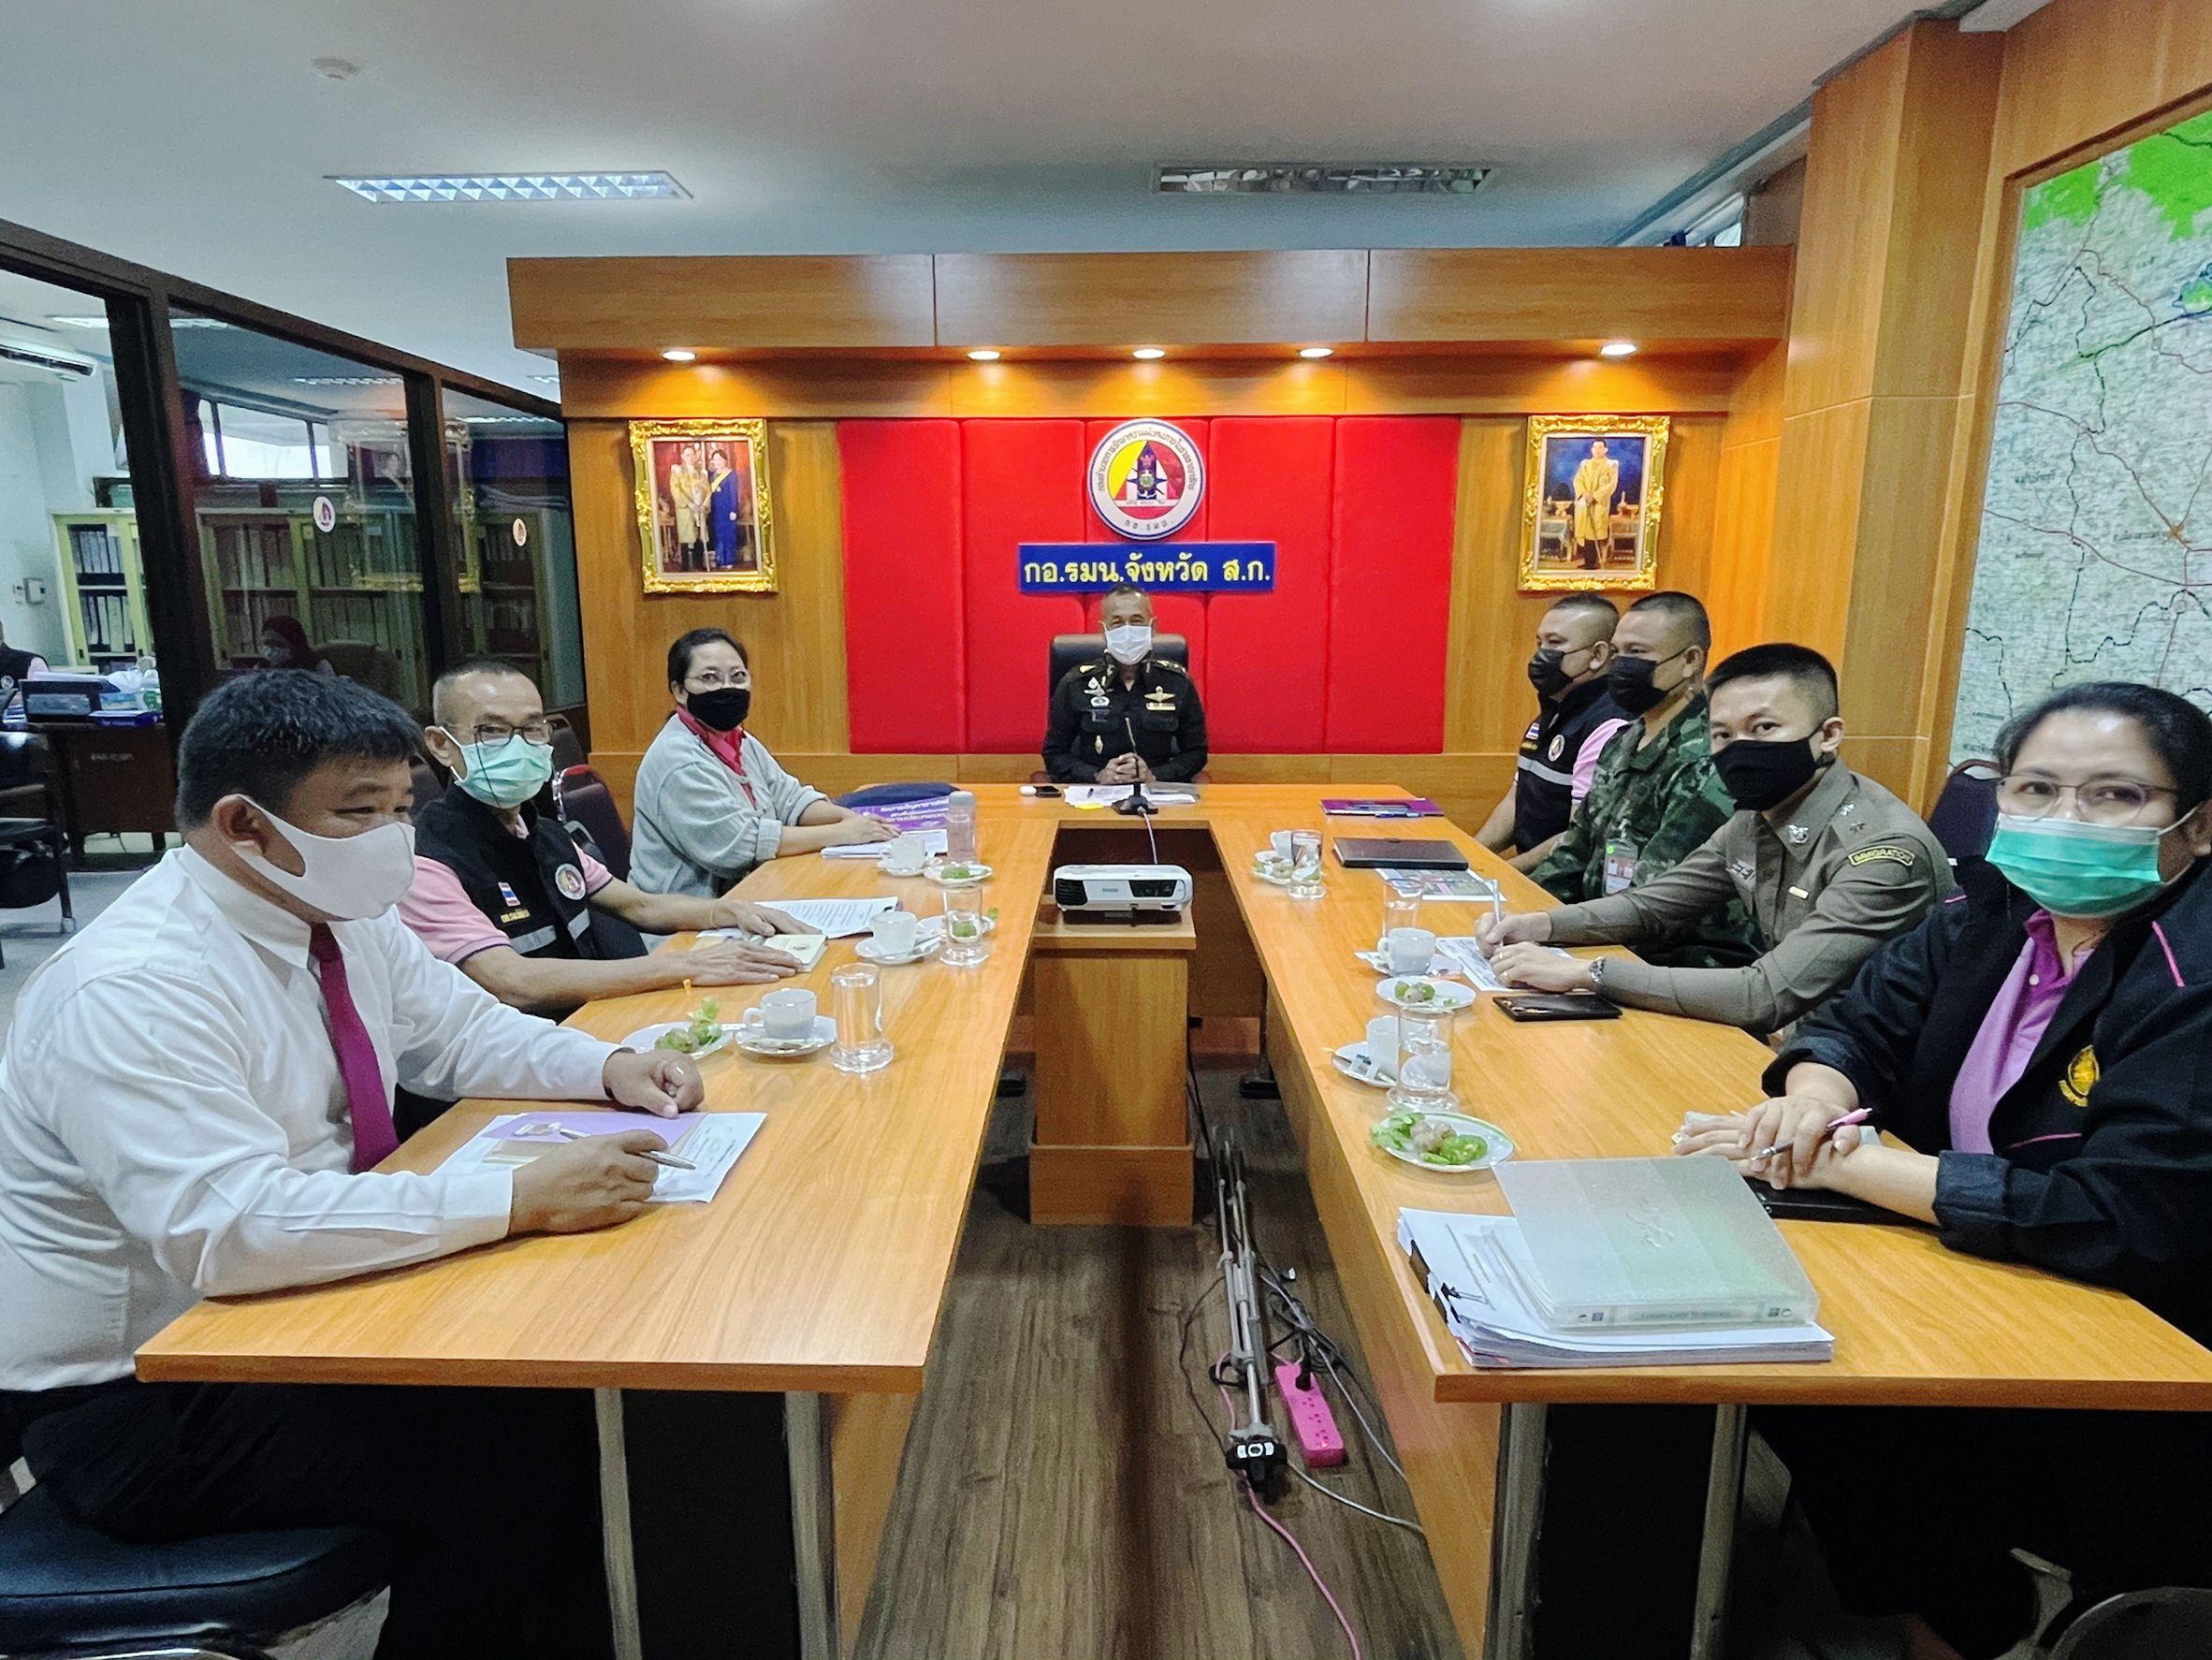 วันอังคารที่ 16 กุมภาพันธ์ 2564 เวลา 09.00 – 11.00 น. นางสาวจันดารา ปัญญานุวัฒน์ แรงงานจังหวัดสระแก้ว เข้าร่วมการประชุมศูนย์ข้อมูลแรงงานต่างด้าว 3 สัญชาติที่ขึ้นทะเบียนทำงานใน             จว.สระแก้ว ณ ห้องประชุม กอ.รมน.จว.สระแก้ว ชั้น 3 ศาลากลางจังหวัดสระแก้ว โดยมี พ.อ.ชาลี ไกรอาบ รอง ผอ.รมน.จว.สระแก้ว เป็นประธานประชุมร่วมกับผู้แทนหน่วยที่เกี่ยวข้อง ได้แก่ สจจ. สตม. กกล.บูรพา ปกครอง สสจ. วันนี้มีการพิจารณาจัดตั้งชุดปฏิบัติการเพื่อบูรณาการลงพื้นที่ตรวจแรงงานต่างด้าวกลุ่มมติ ครม.29 ธ.ค.64 และร่วมกำหนดแนวทางปฏิบัติหากต้องมีการจับกุม ดำเนินคดี และส่งกลับ